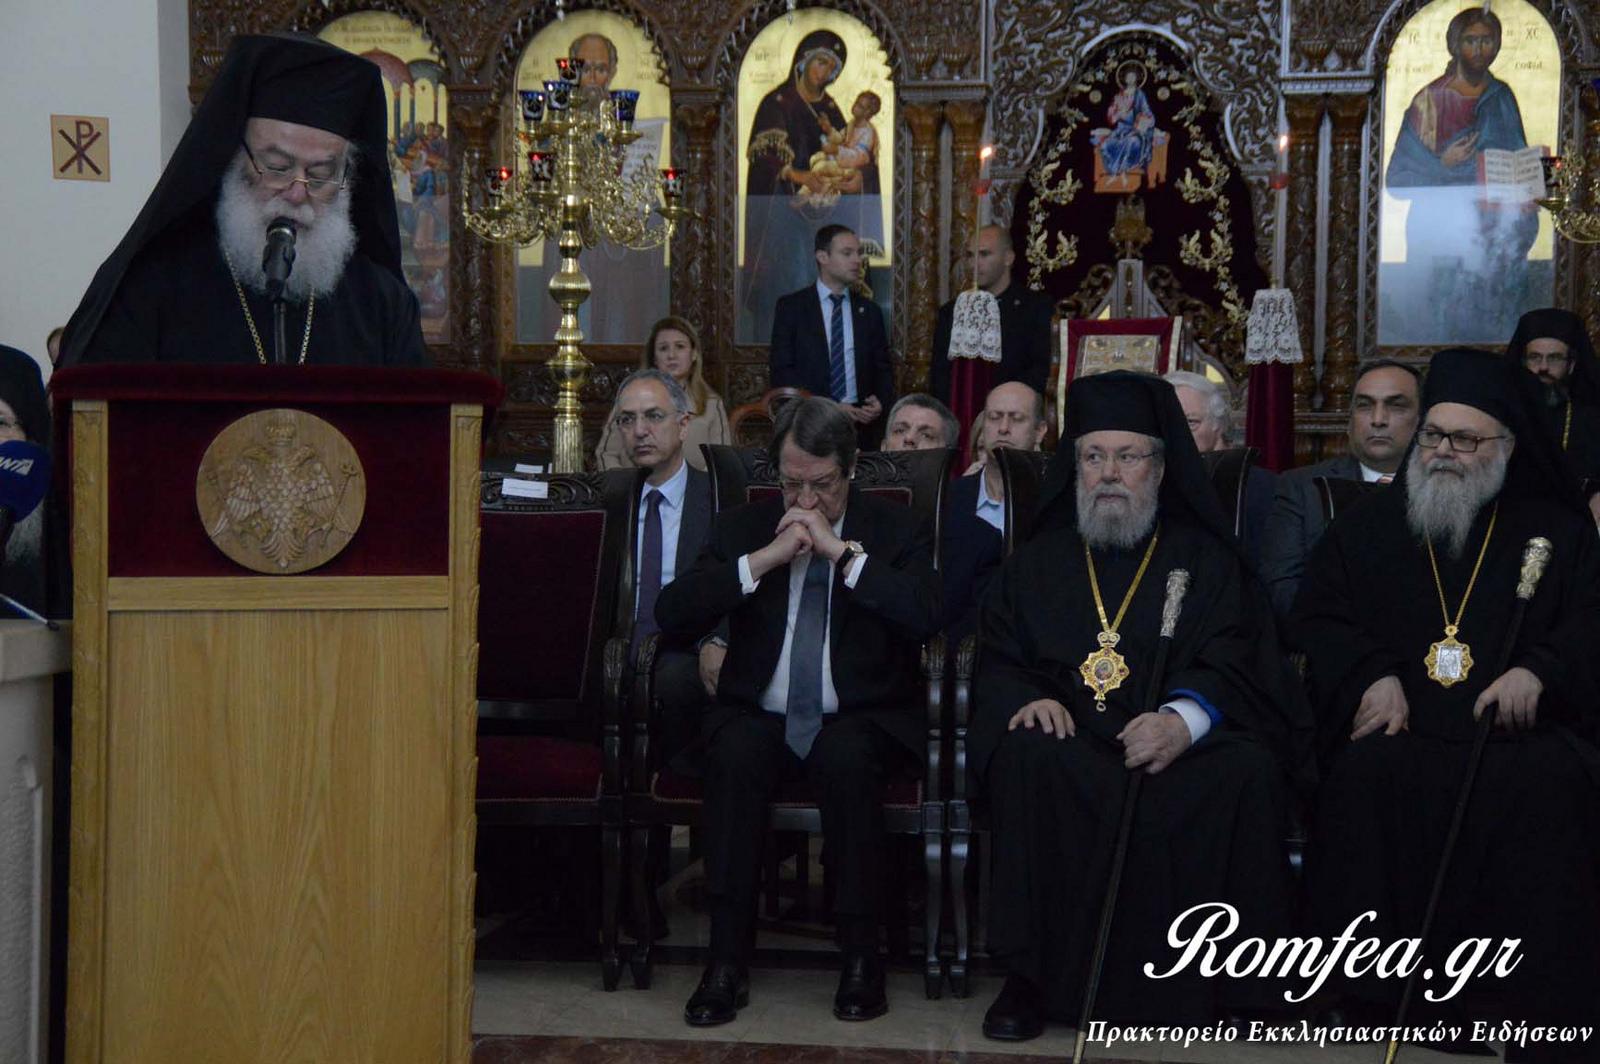 Аспирант Академии принял участие в ежегодном всеобщем Собрании клириков и мирян Кипрской Православной Церкви